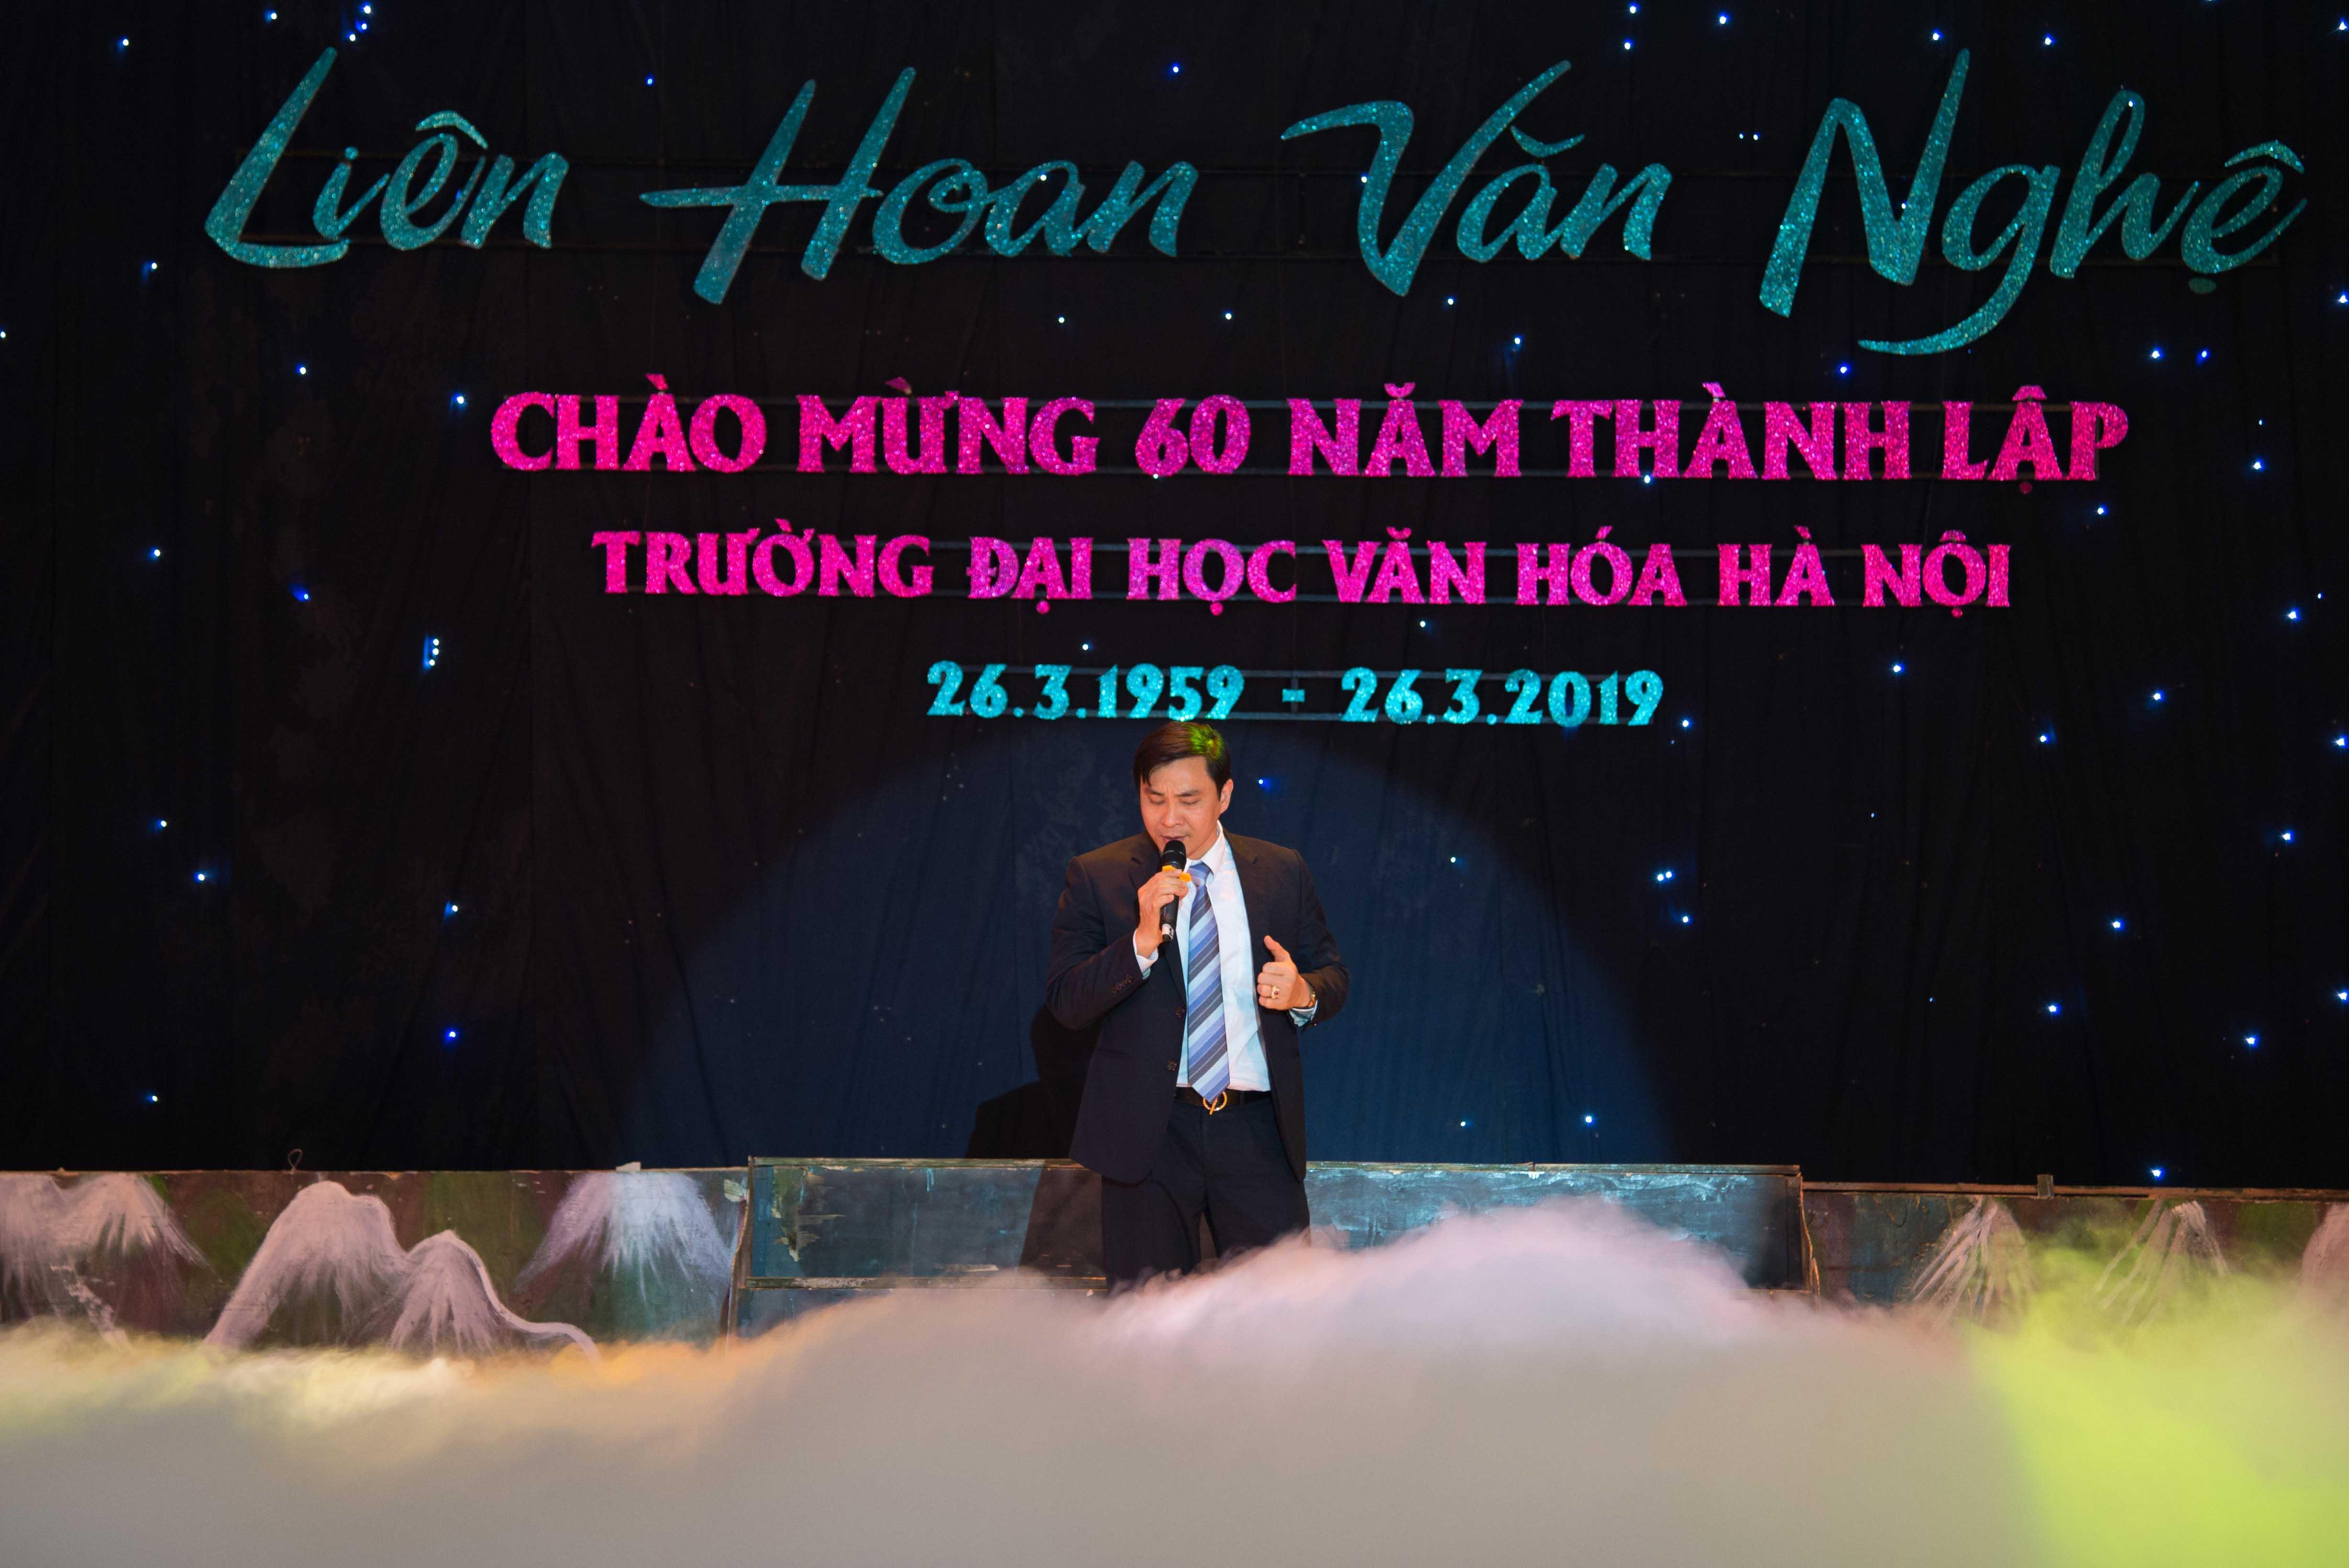 Liên hoan văn nghệ Công đoàn lần thứ I chào mừng 60 năm thành lập Trường Đại học Văn hóa Hà Nội